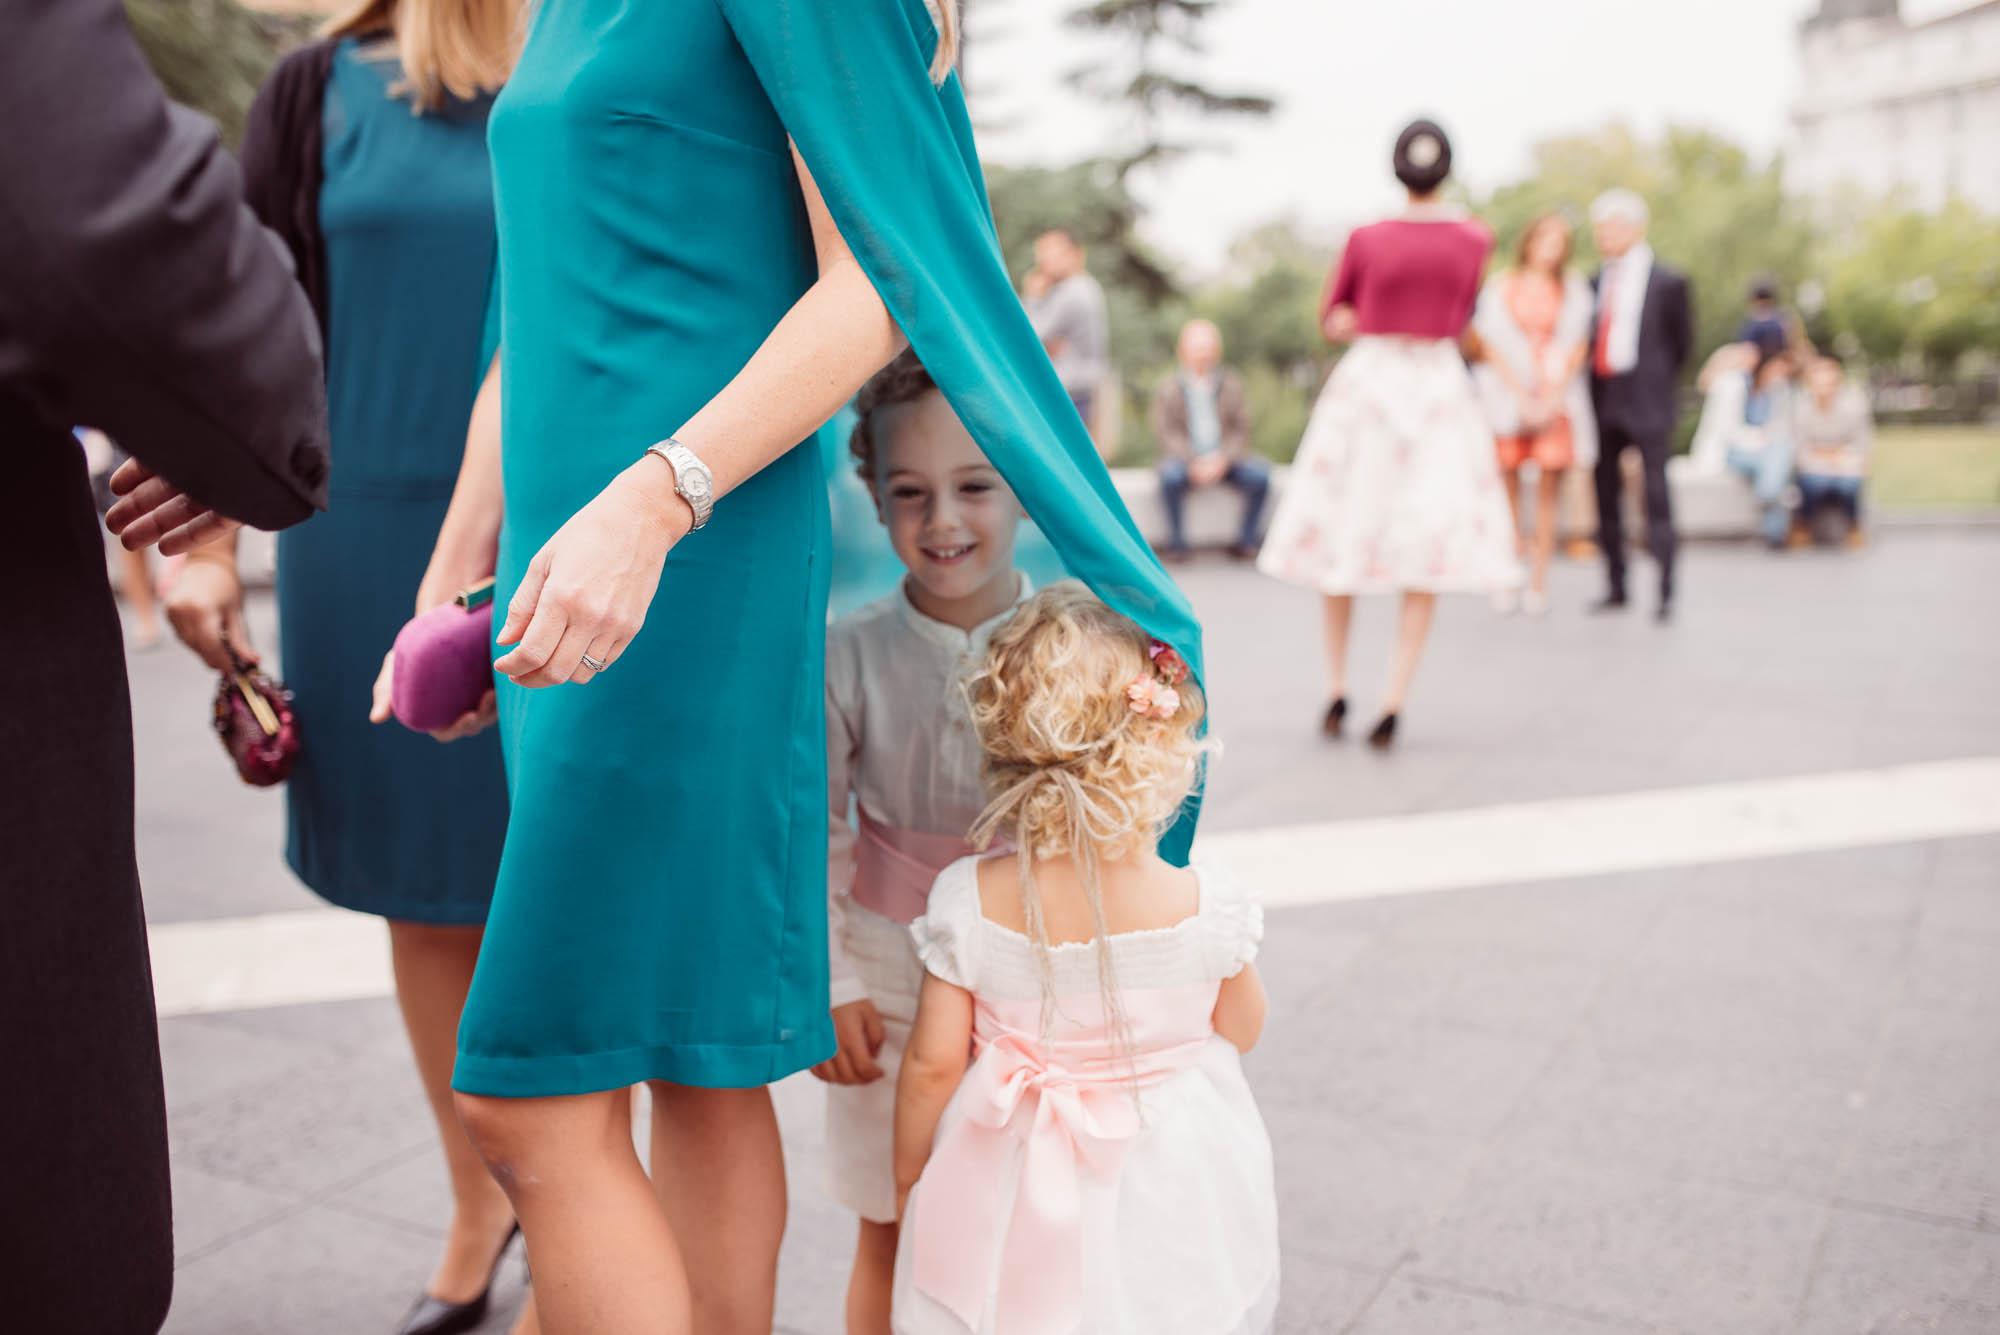 Niños jugando con la cola del vestido de la invitada el dia de la boda